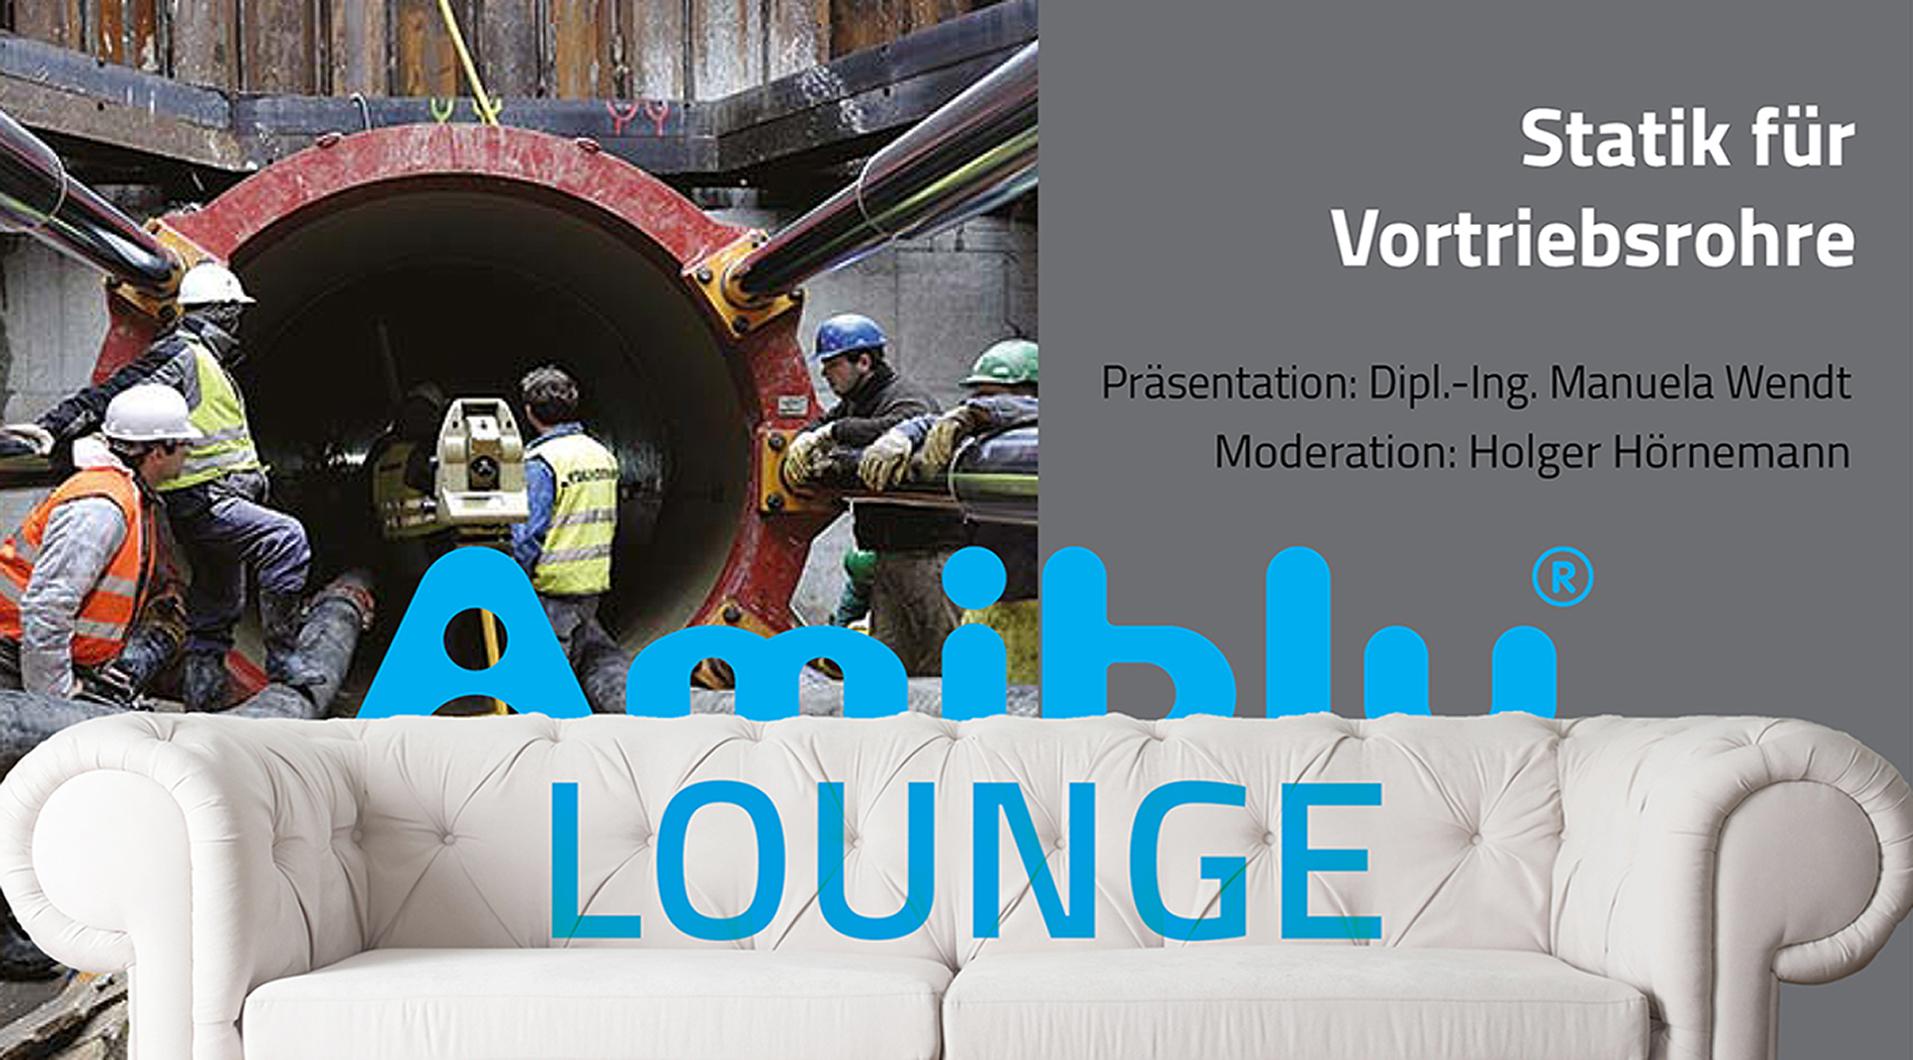 Amiblu Lounge Statik für Vortriebsrohre